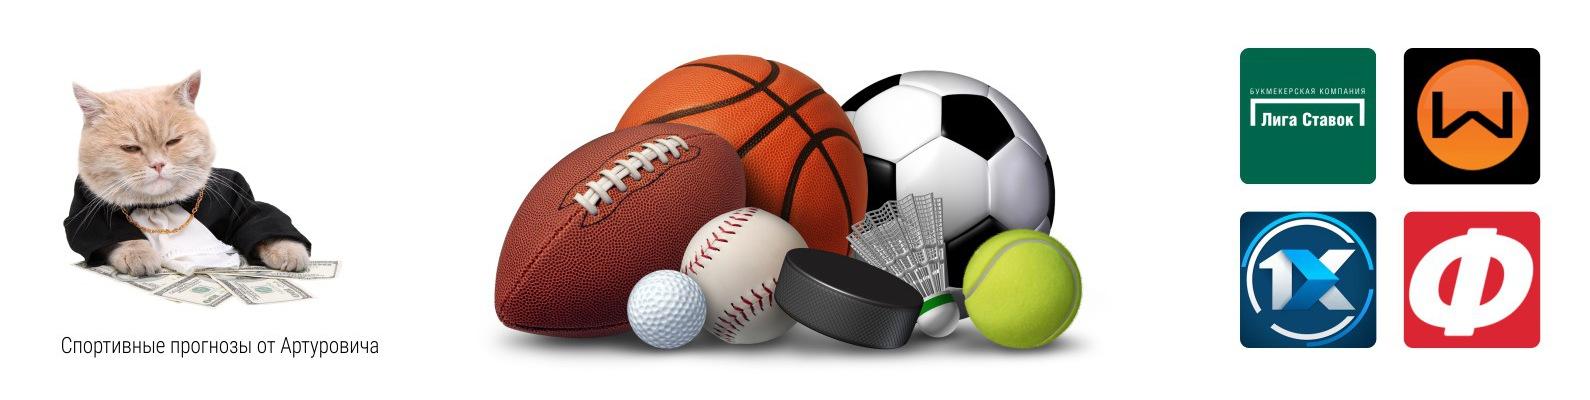 Прогнозы на спортивные